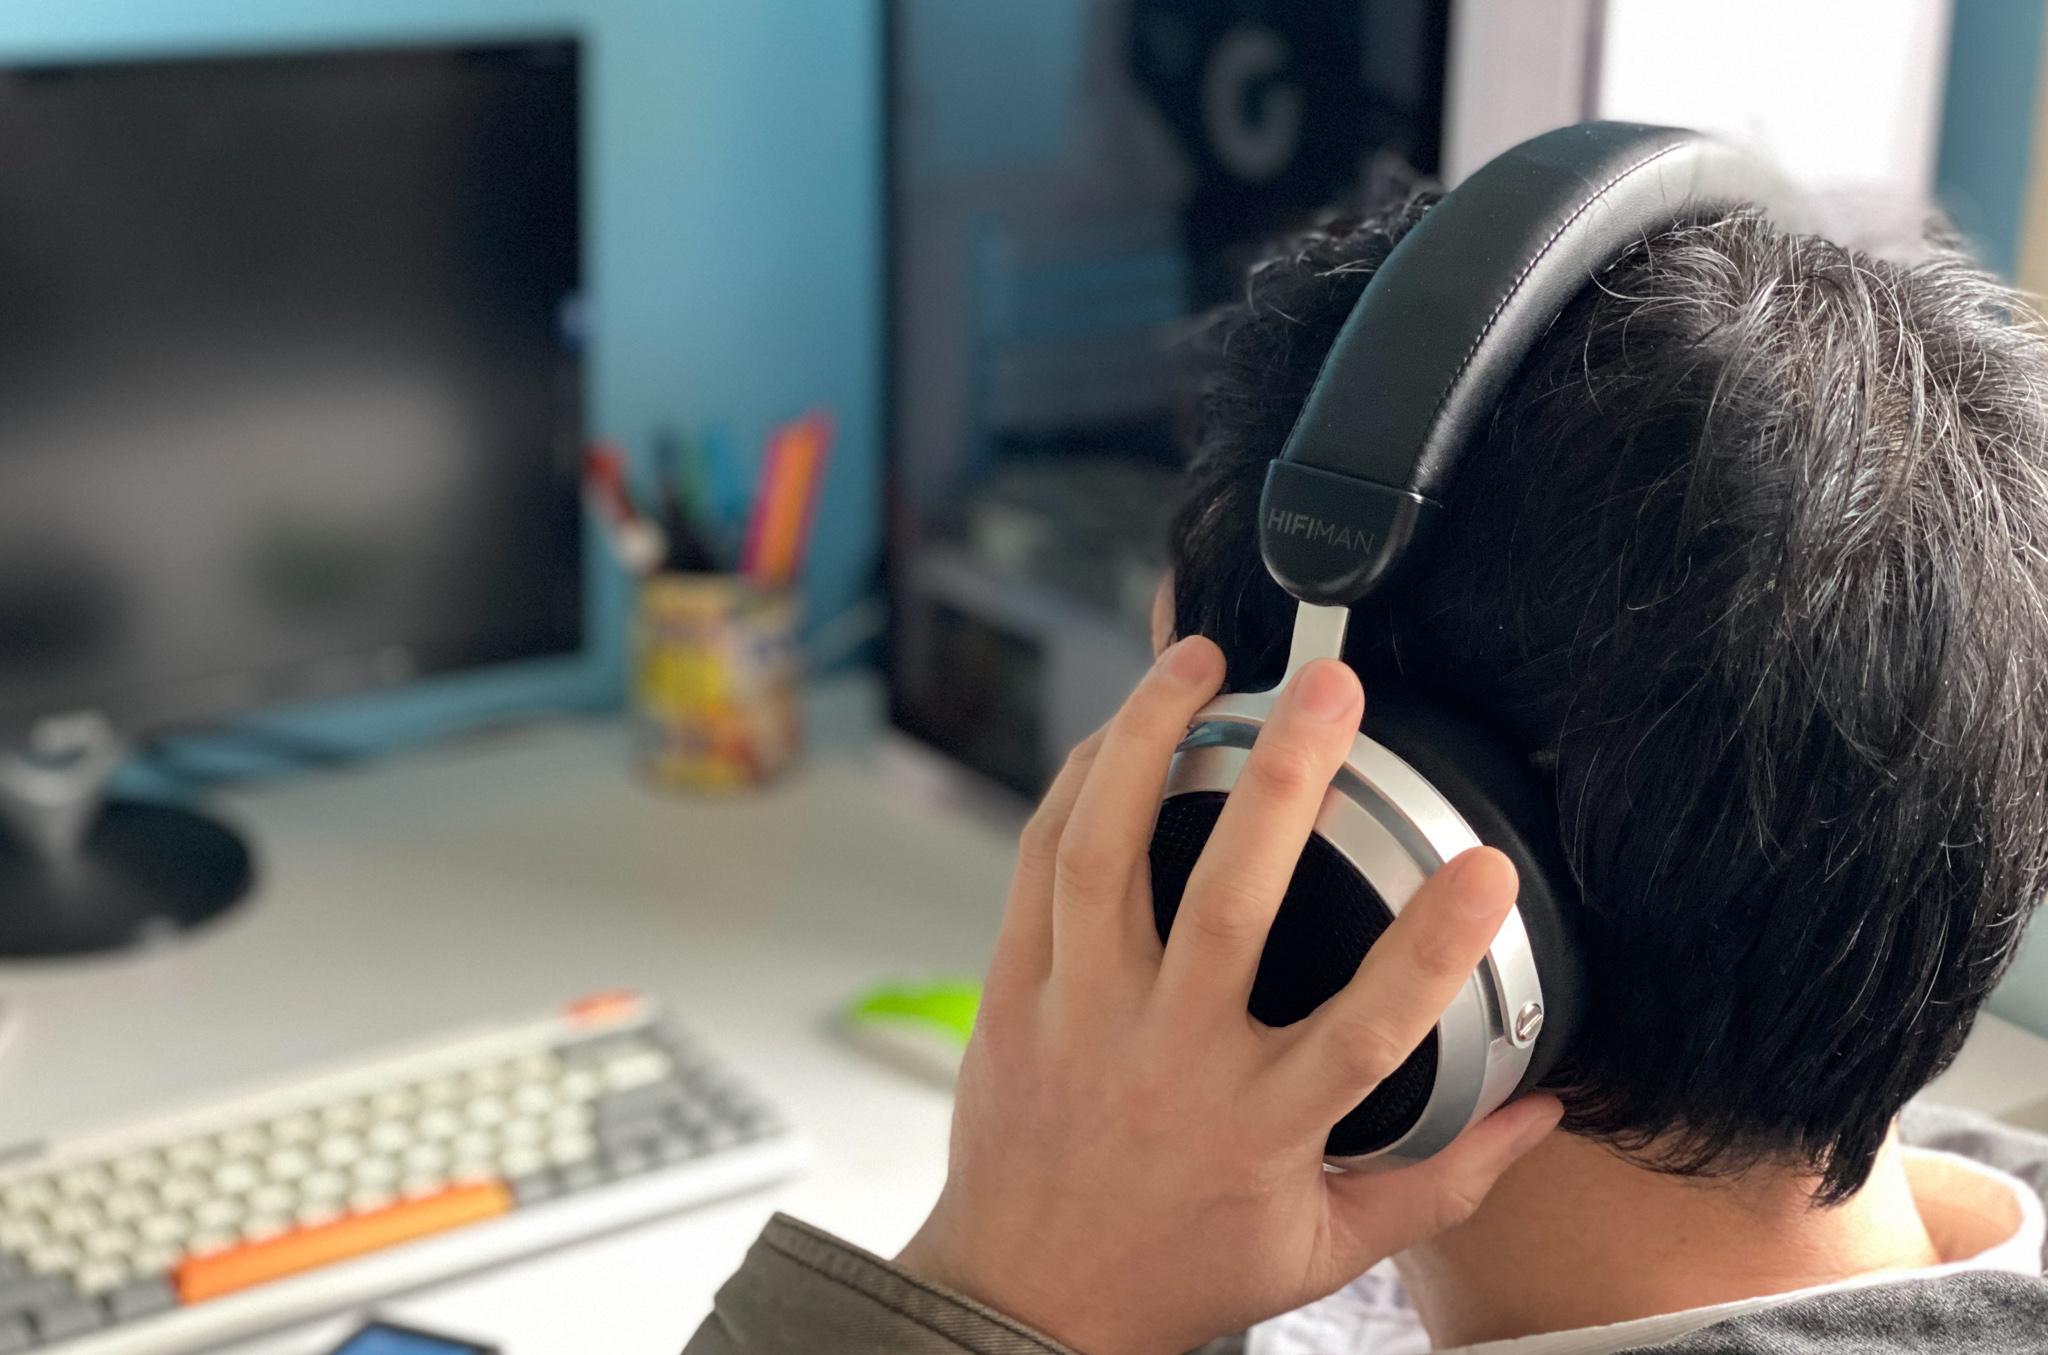 不一样的轻松享受,HIFIMAN HE400se开放式平板振膜耳机,十天感受